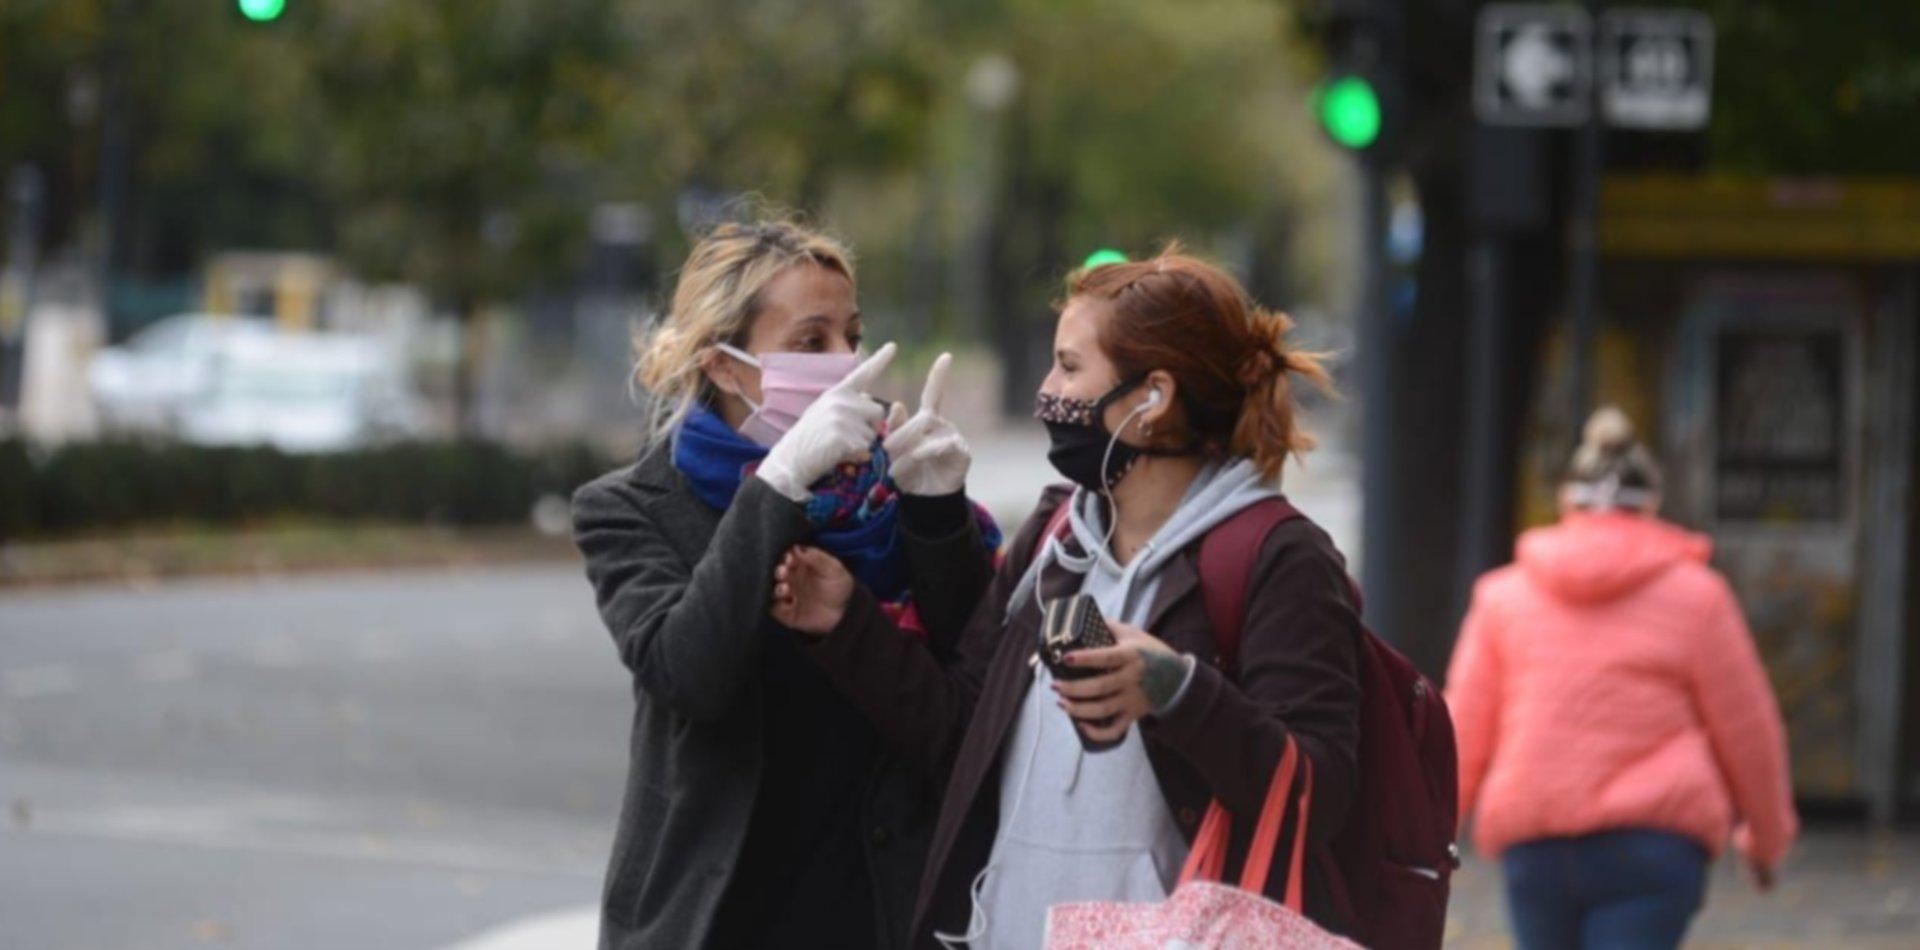 Confirman una muerte y 35 nuevos contagios de COVID en La Plata en las últimas 24 horas